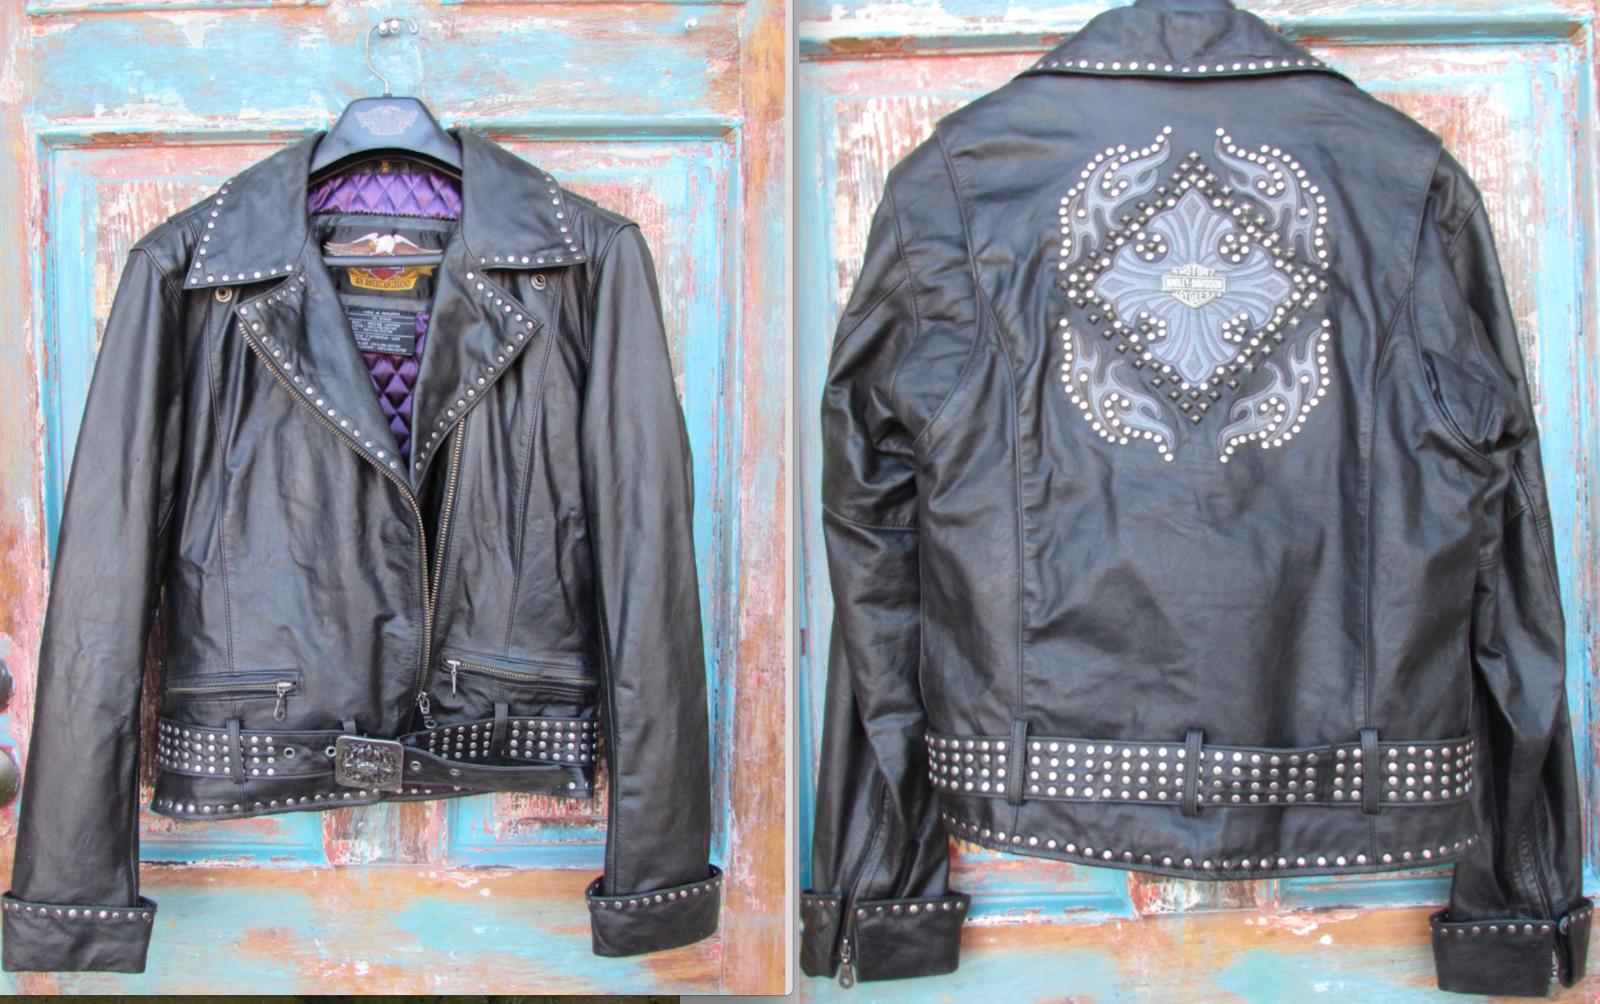 Mujer  pequeña Harley Davidson moto cuero chaqueta Negro Tachonado Equitación Moto  online al mejor precio